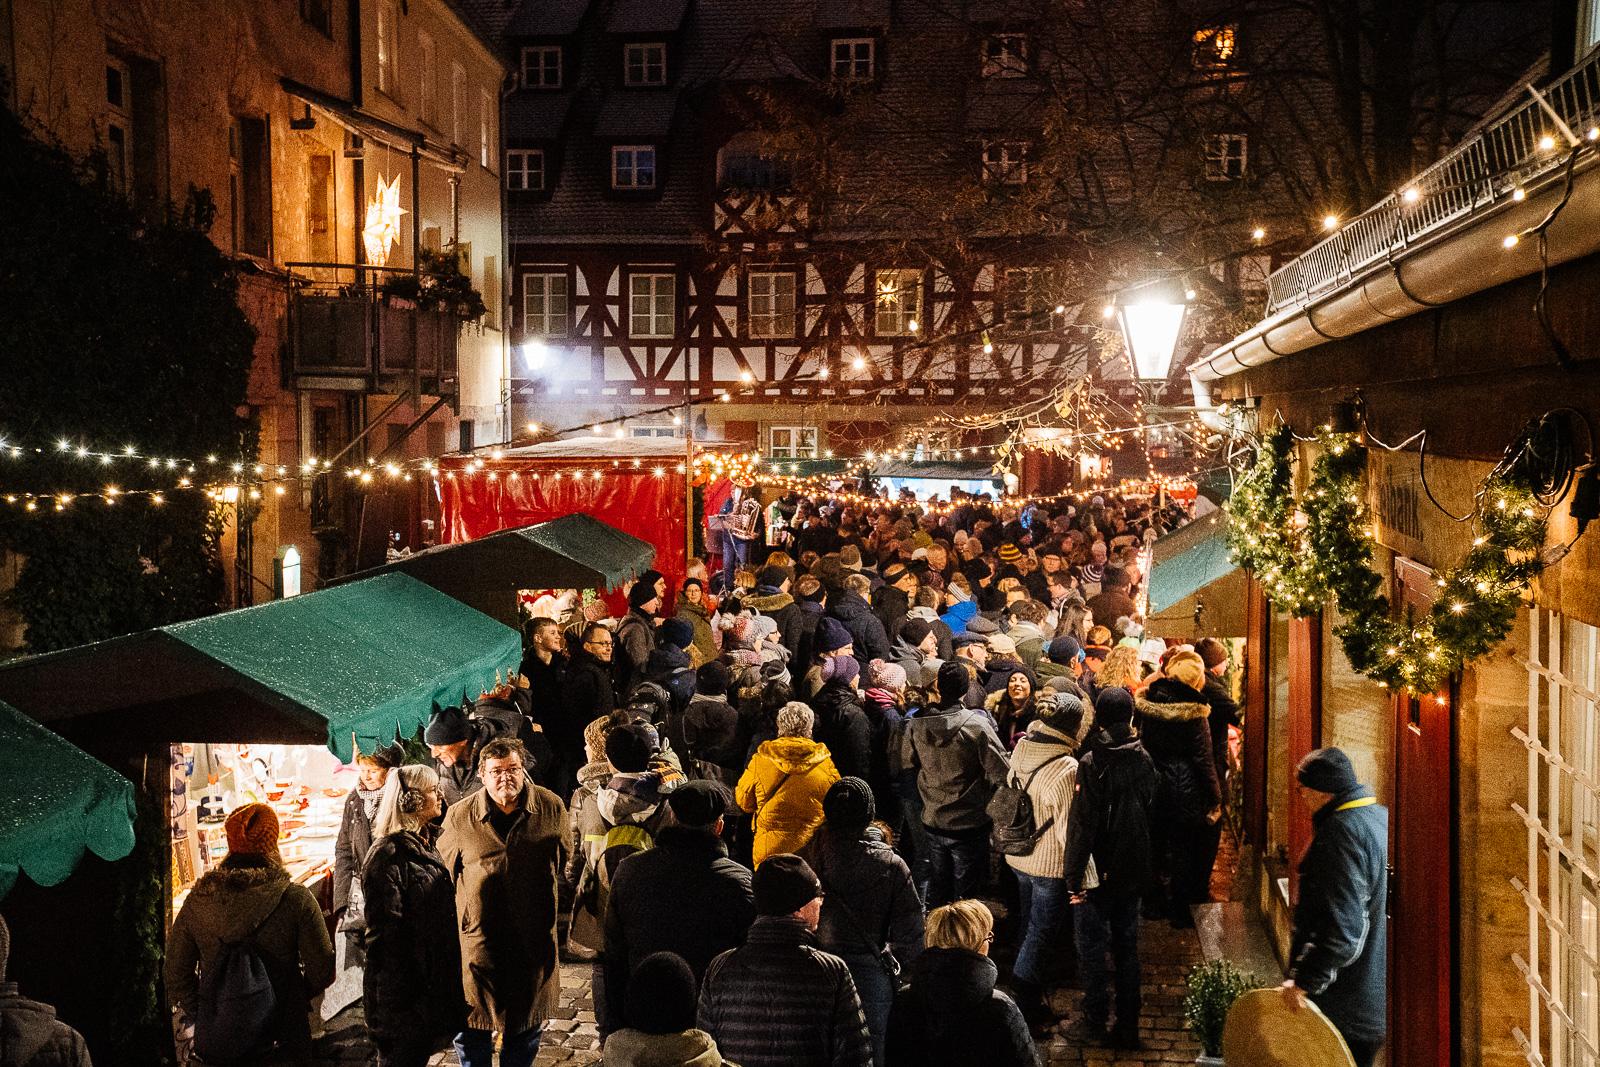 Altstadtweihnachtsmarkt in Fürth